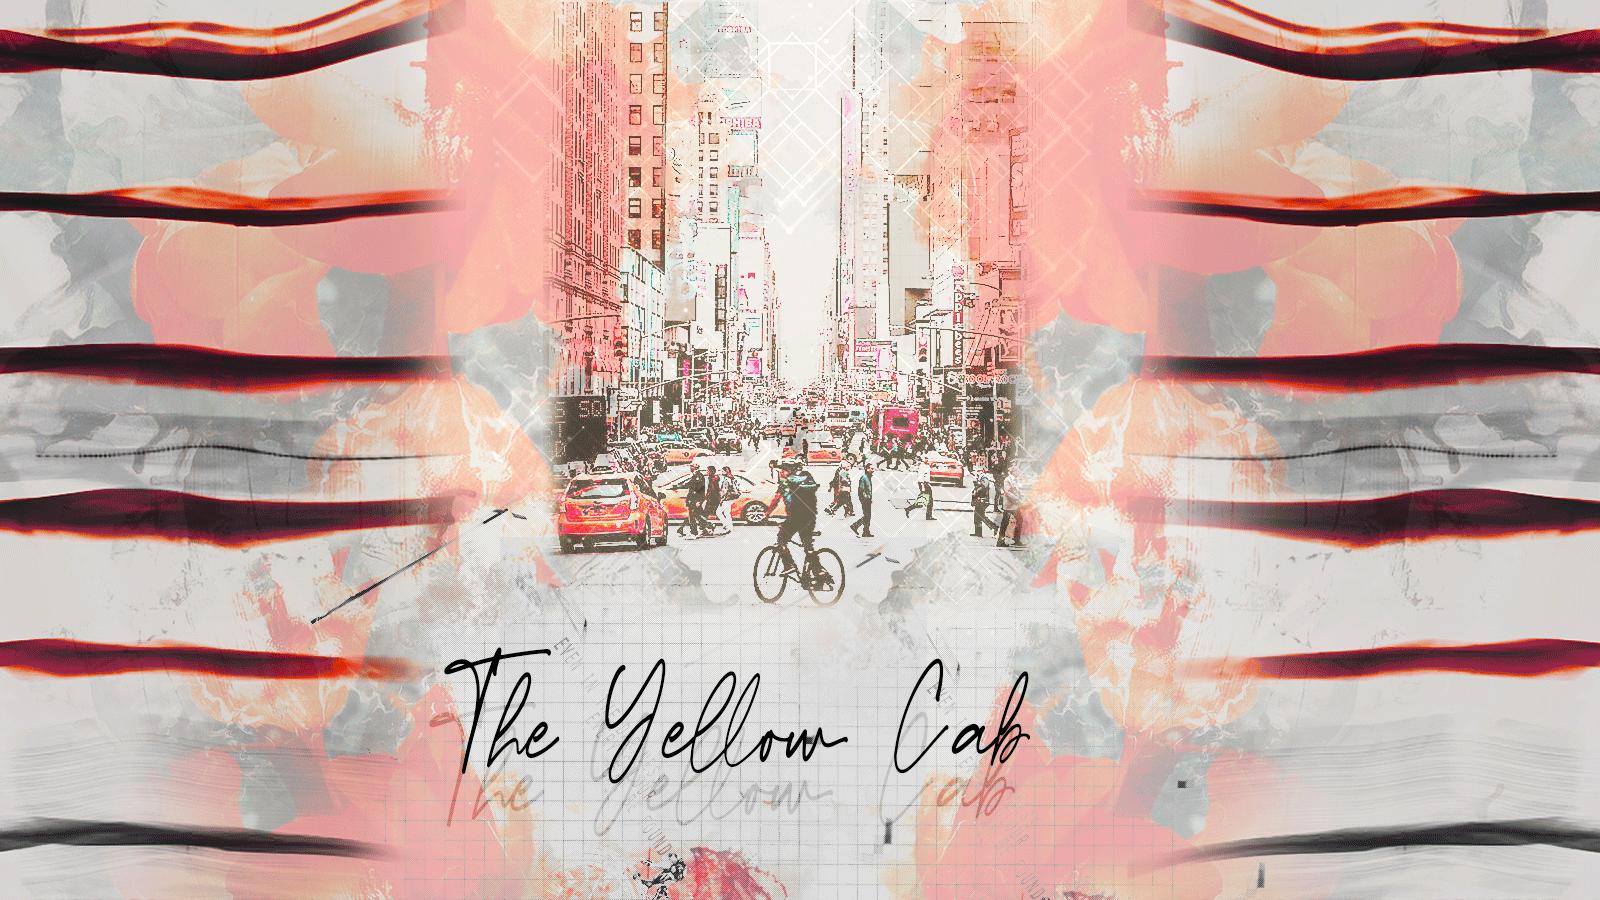 THE YELLOW CAB - RPG Vqjx